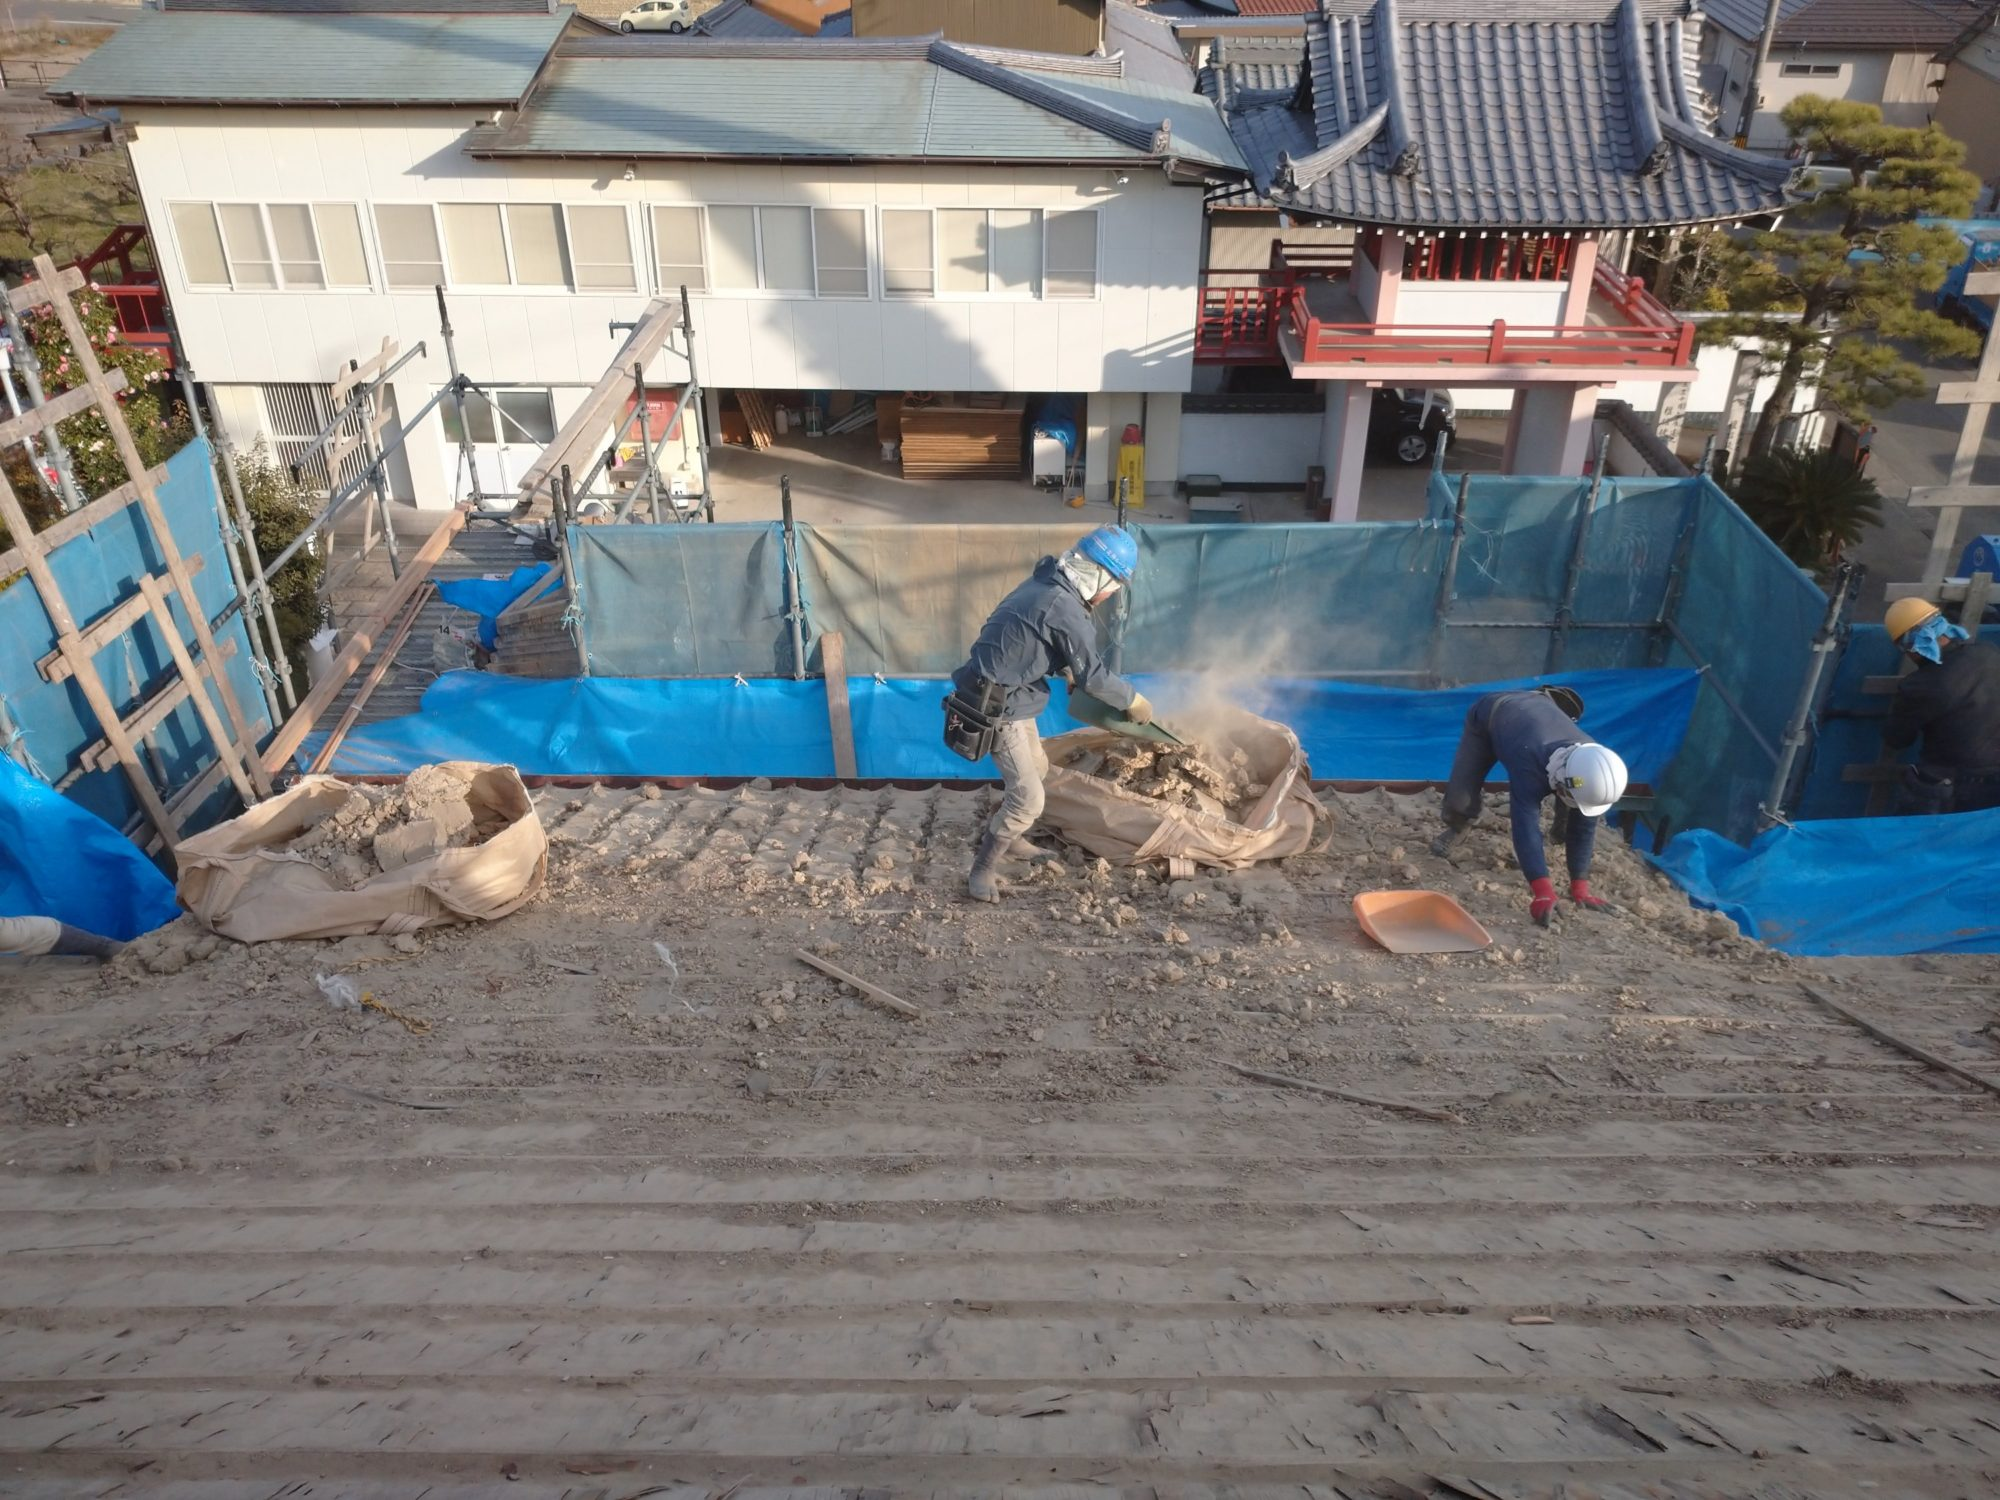 羽島市で本堂の改修工事をしています。